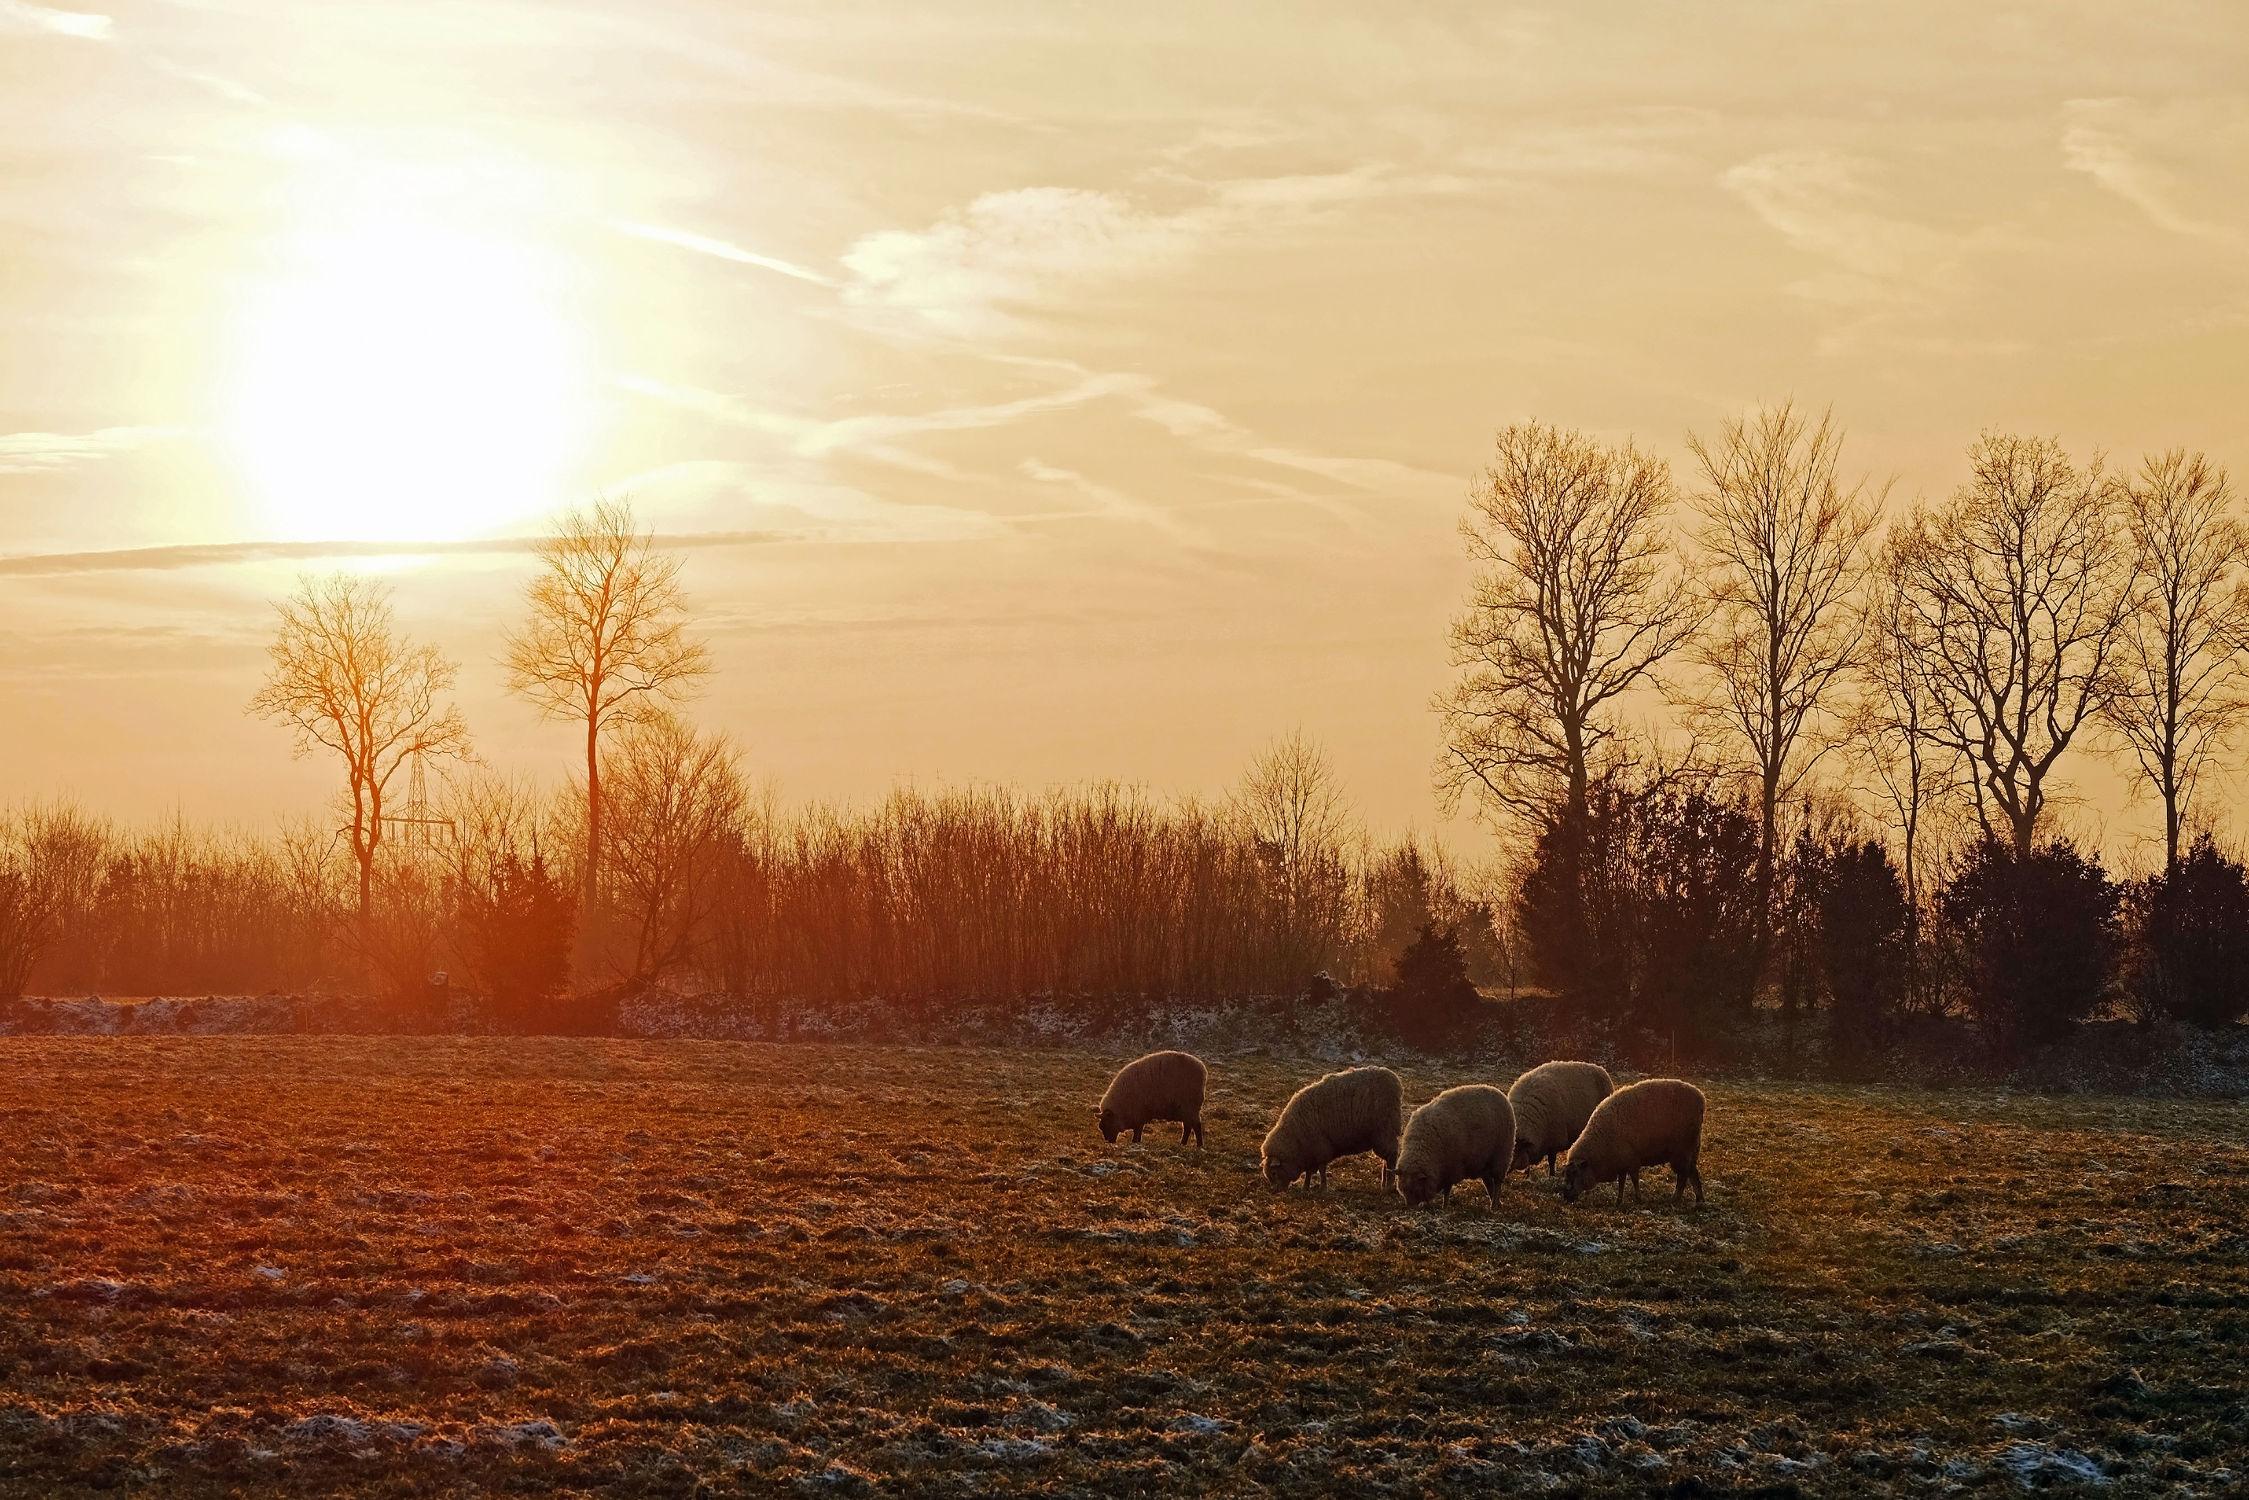 Bild mit Säugetiere, Landschaften, Schnee, Sonnenuntergang, Haustiere, Sonne, Sonnenschein, Schafe, Frost, Weide, Raureif, Nutztiere, Winterabendstimmung